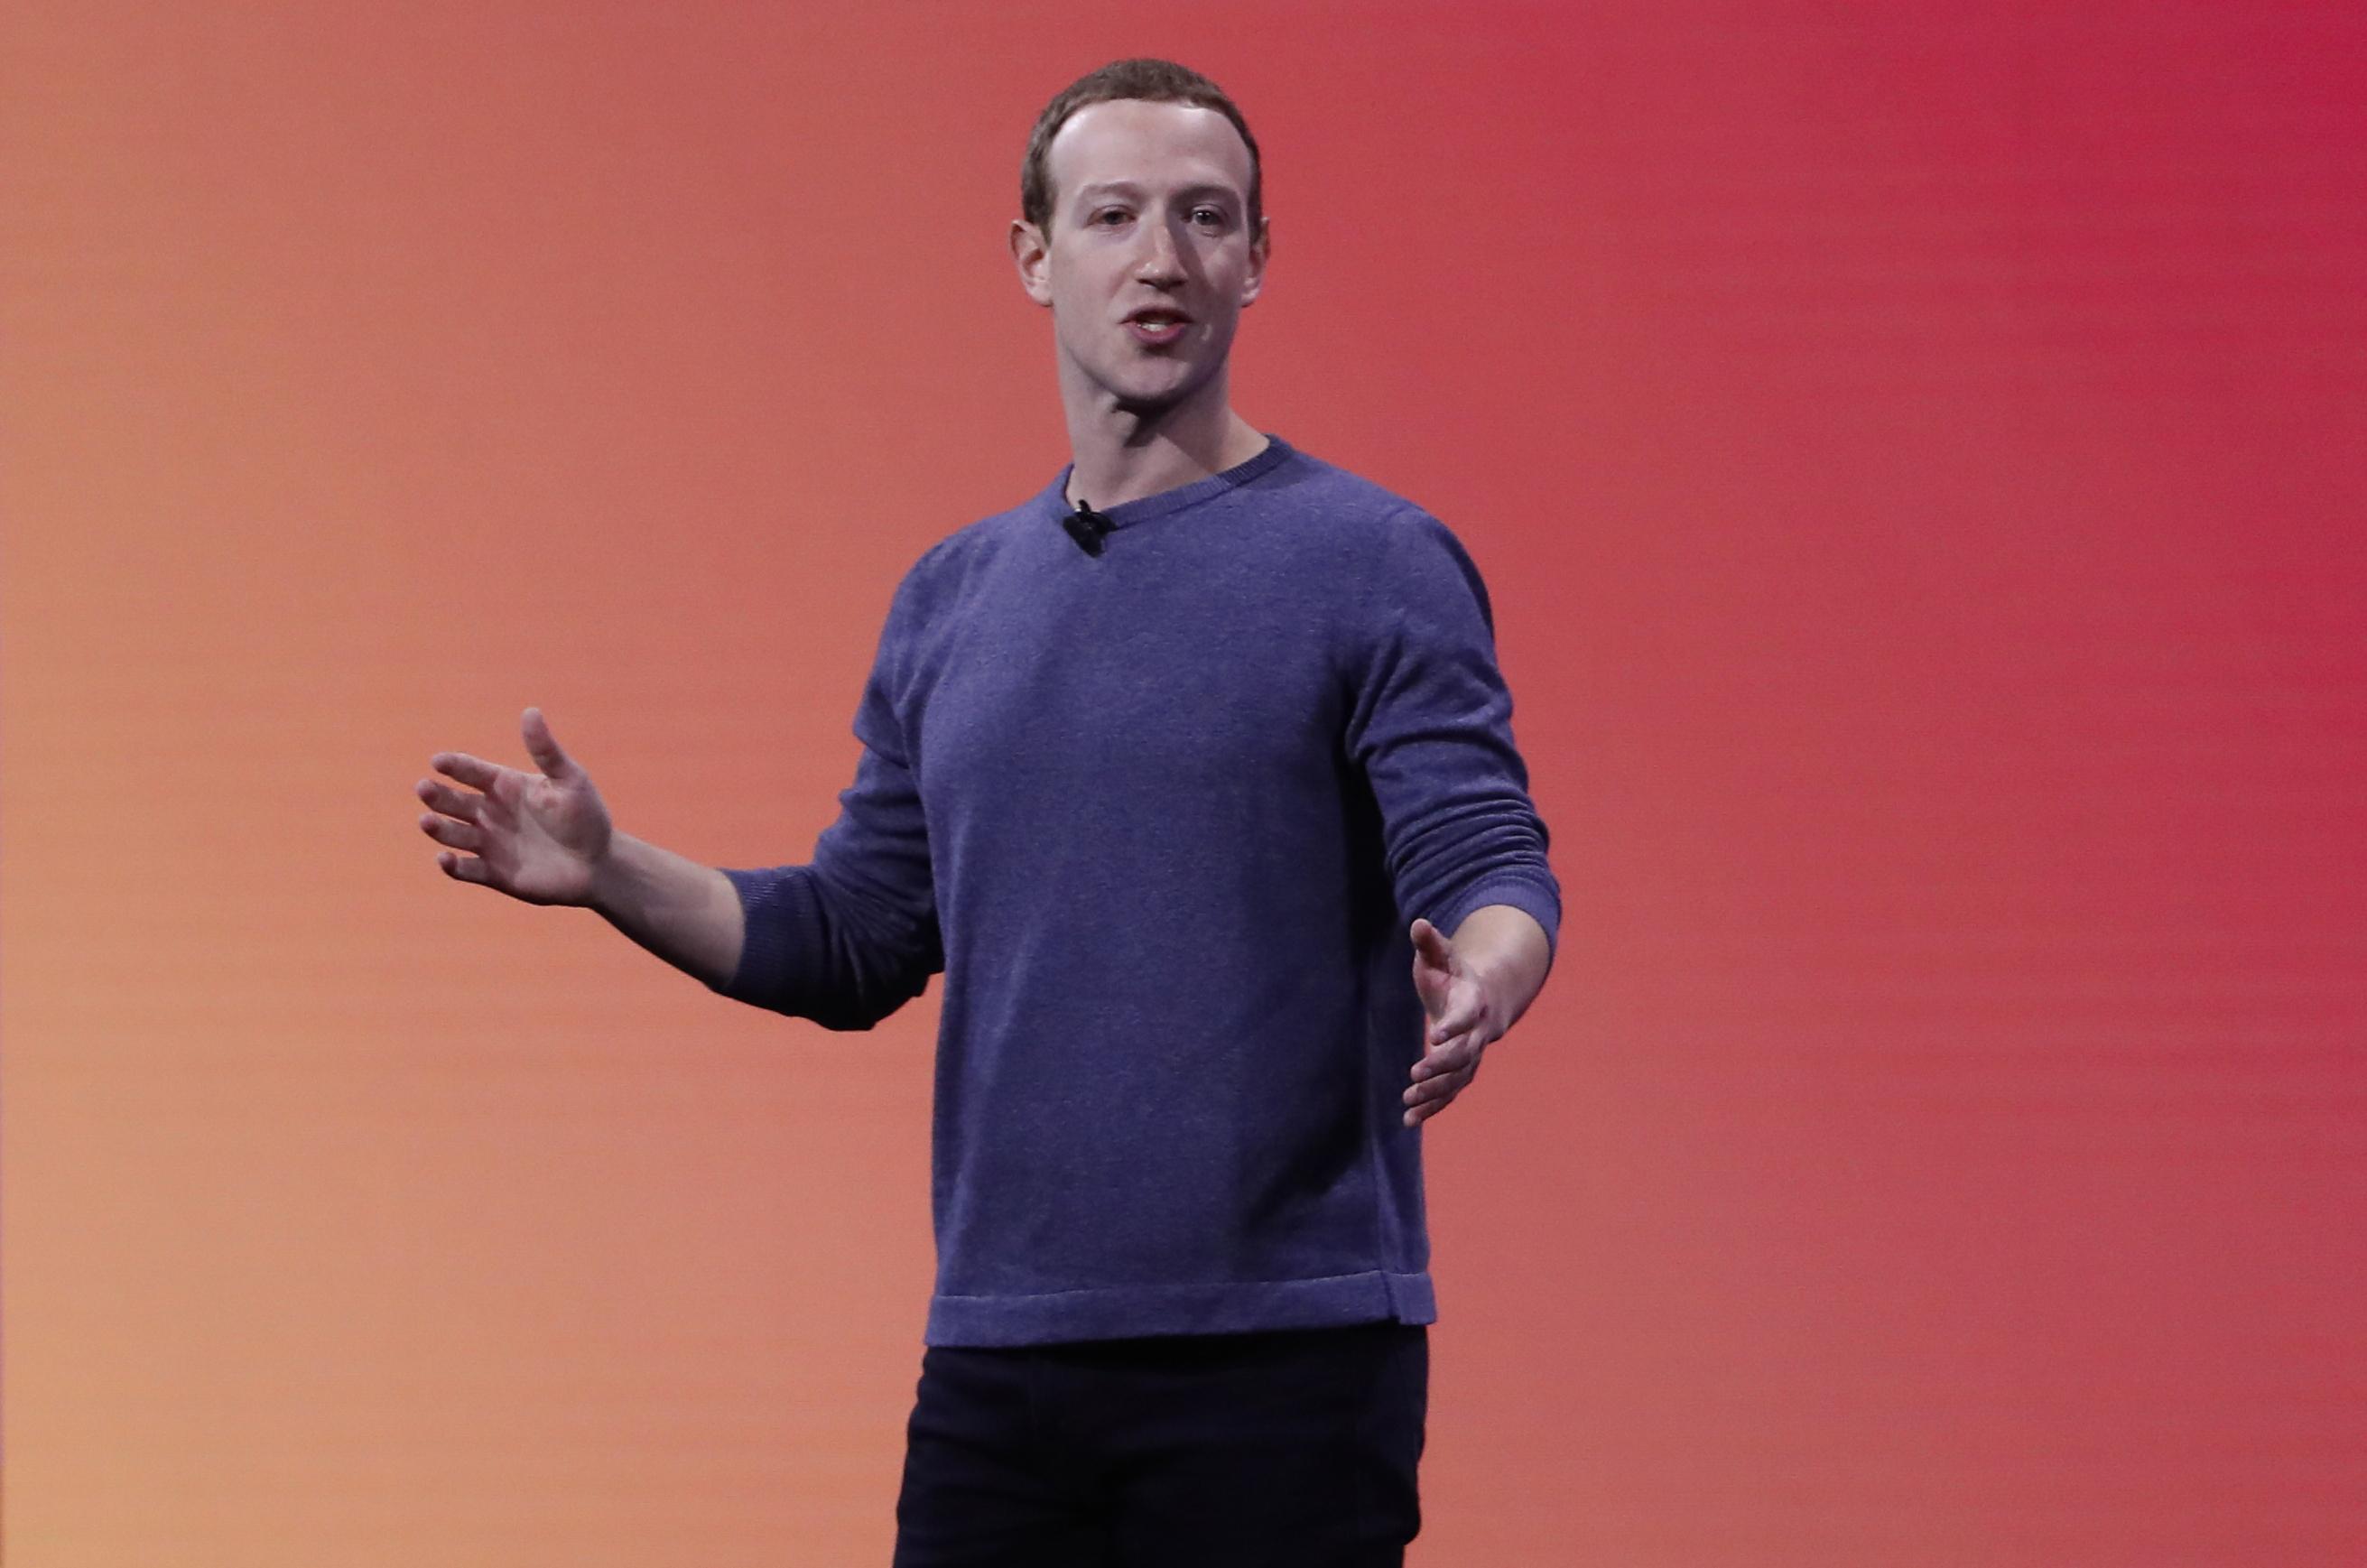 Facebook CEO Mark Zuckerberg makes a speech in 2019.